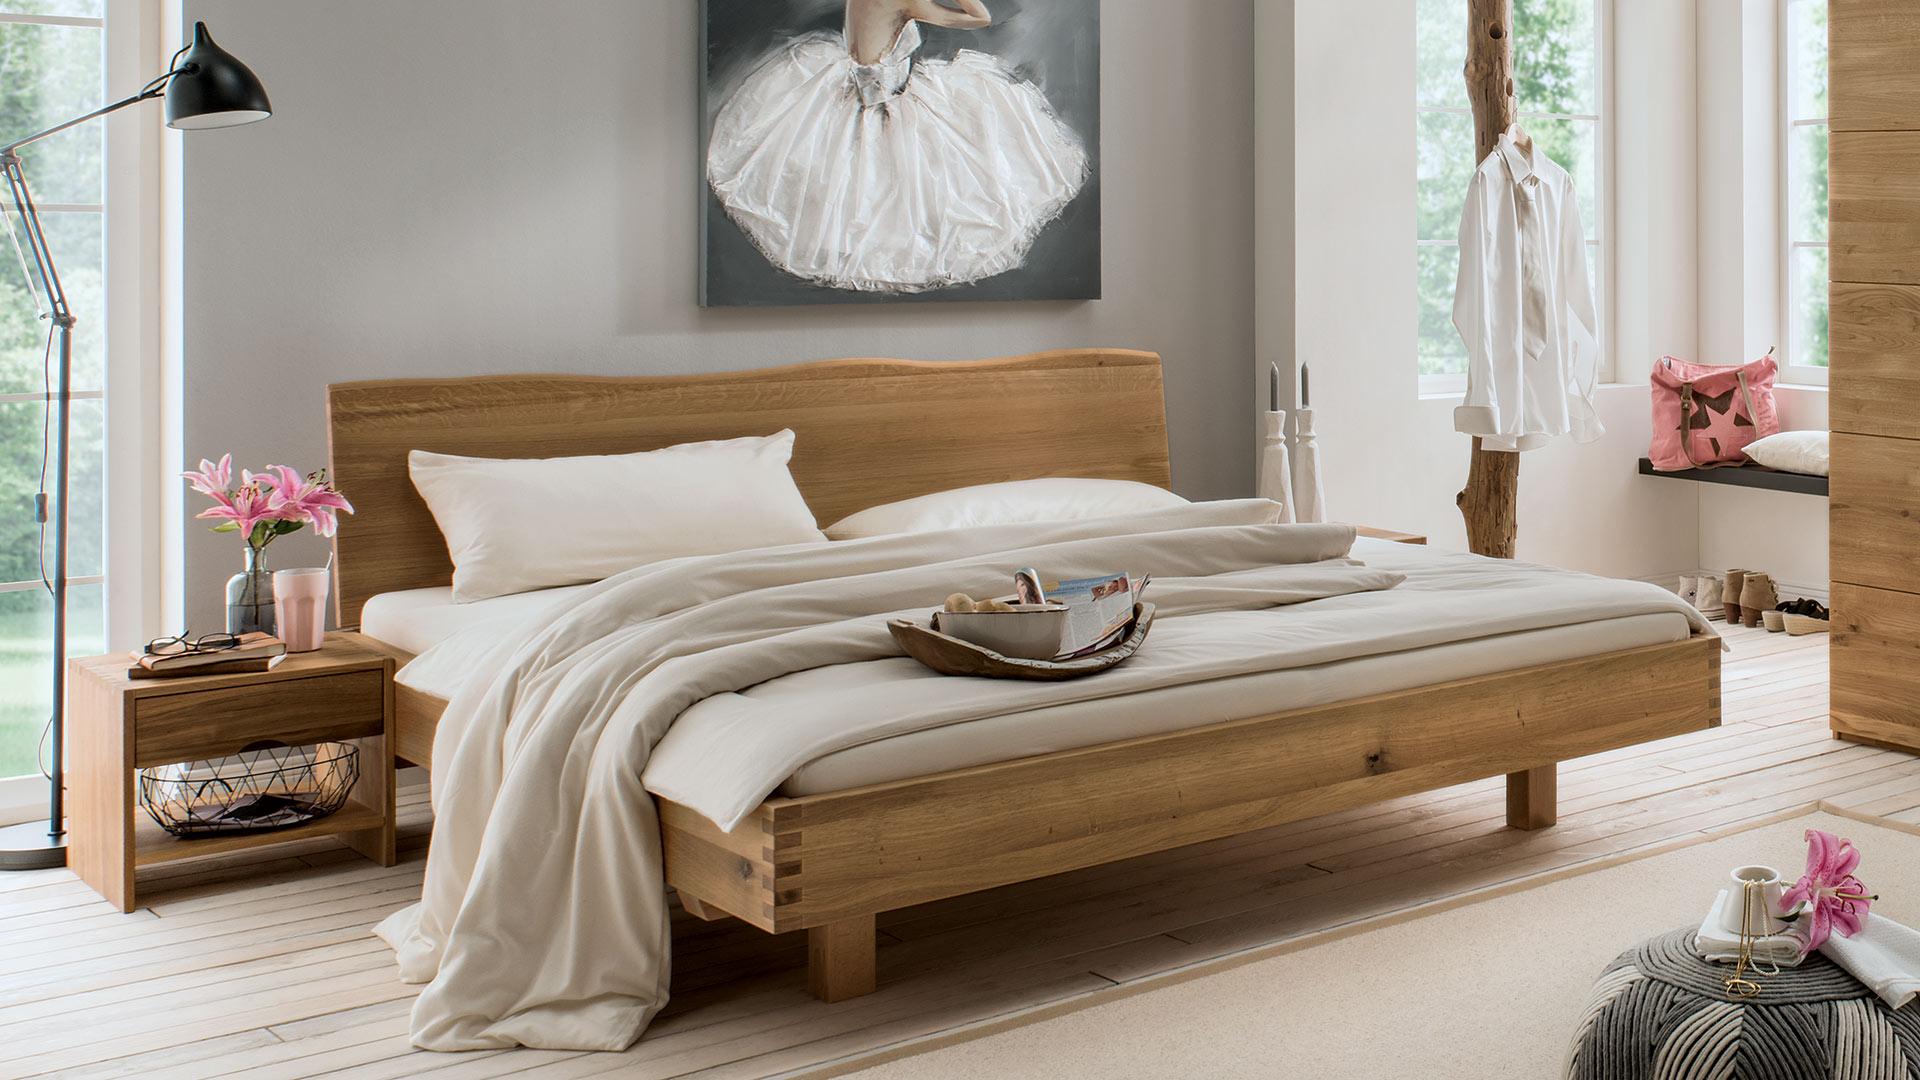 Full Size of Wildeiche Bett 180x200 140x200 Eiche Massiv 200x200 Bettbank 140 160x200 190x90 Sitzbank Gebrauchte Betten Rückenlehne Günstig Kaufen Chesterfield Hamburg Bett Wildeiche Bett